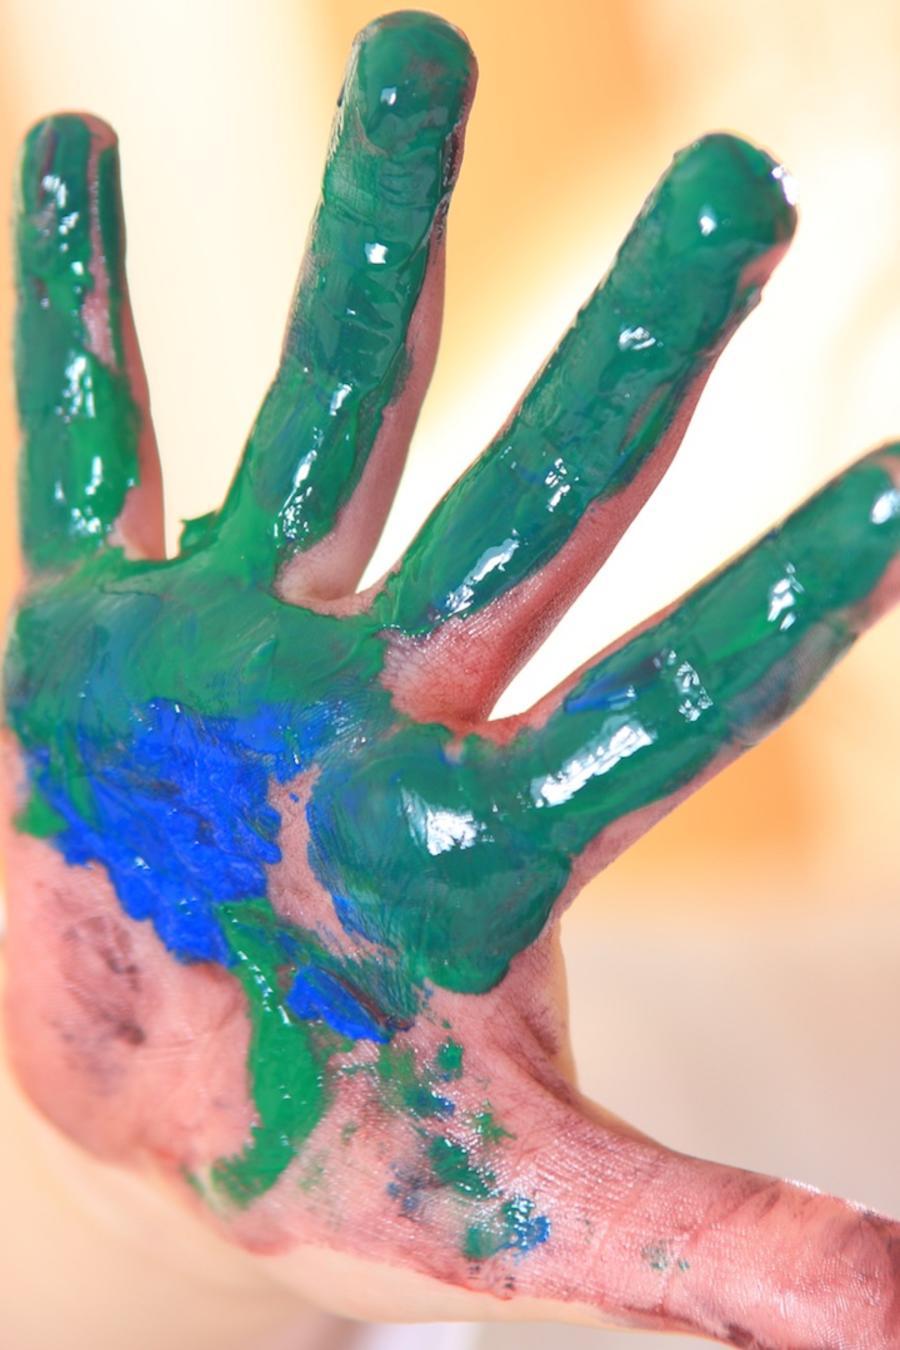 Niña con mano sucia con pintura